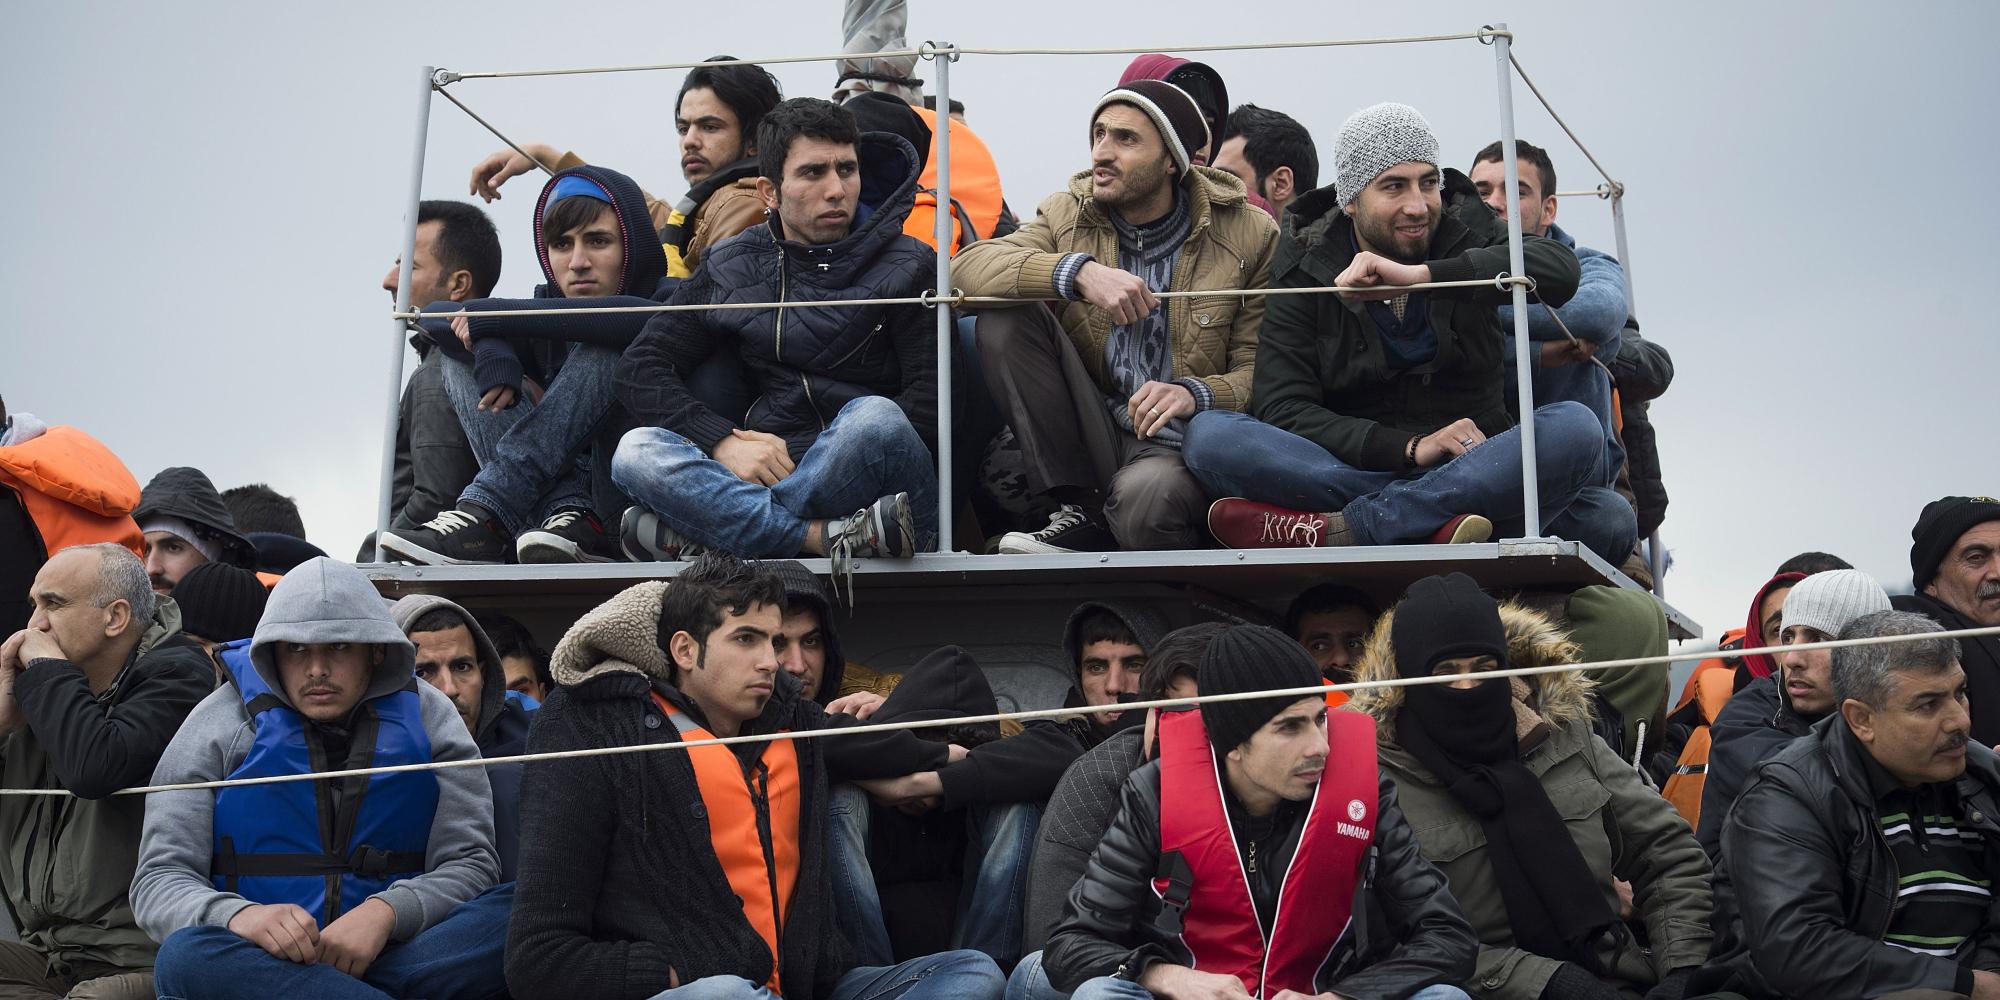 تقارير دولية تنصح الراغبين بالهجرة لأستراليا خلسة بالتفكير مليا تجنبا للوقوع بالمحظور